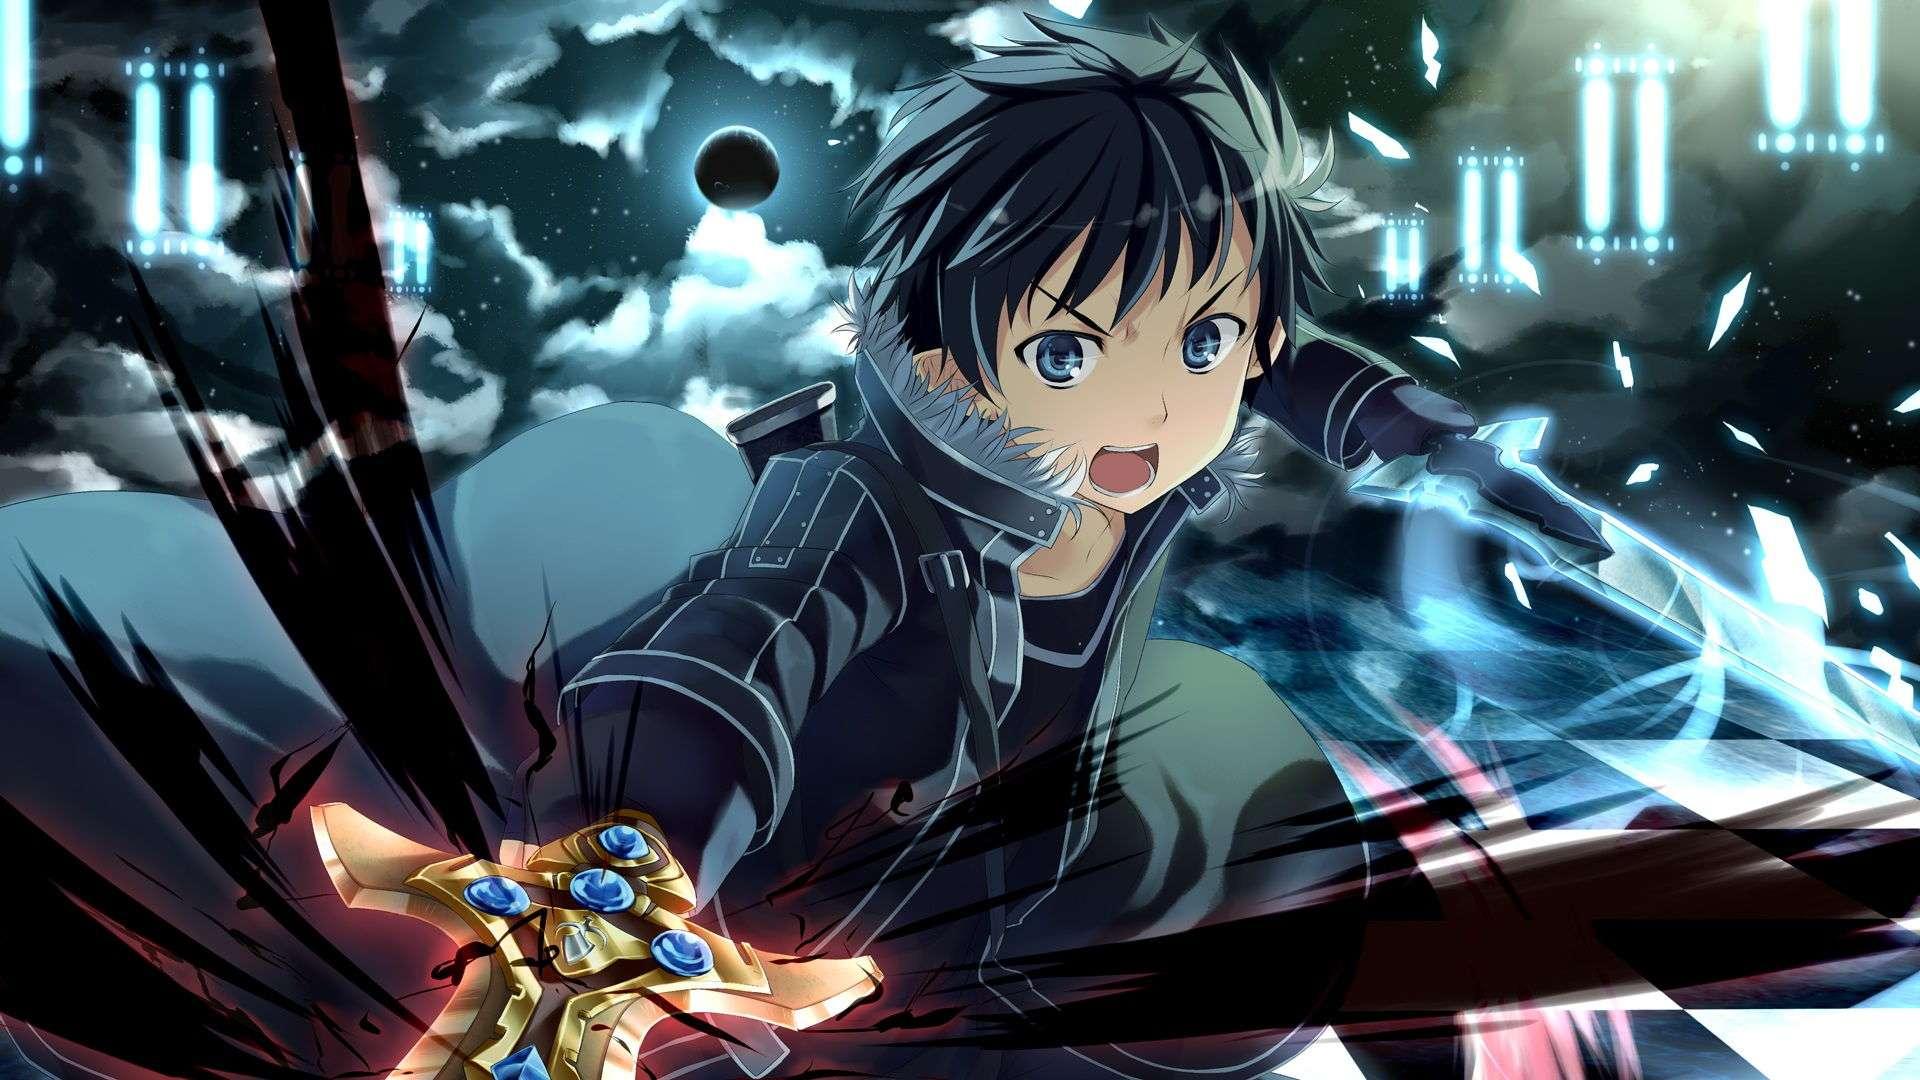 Sword Art Online Anime Wallpaper 001